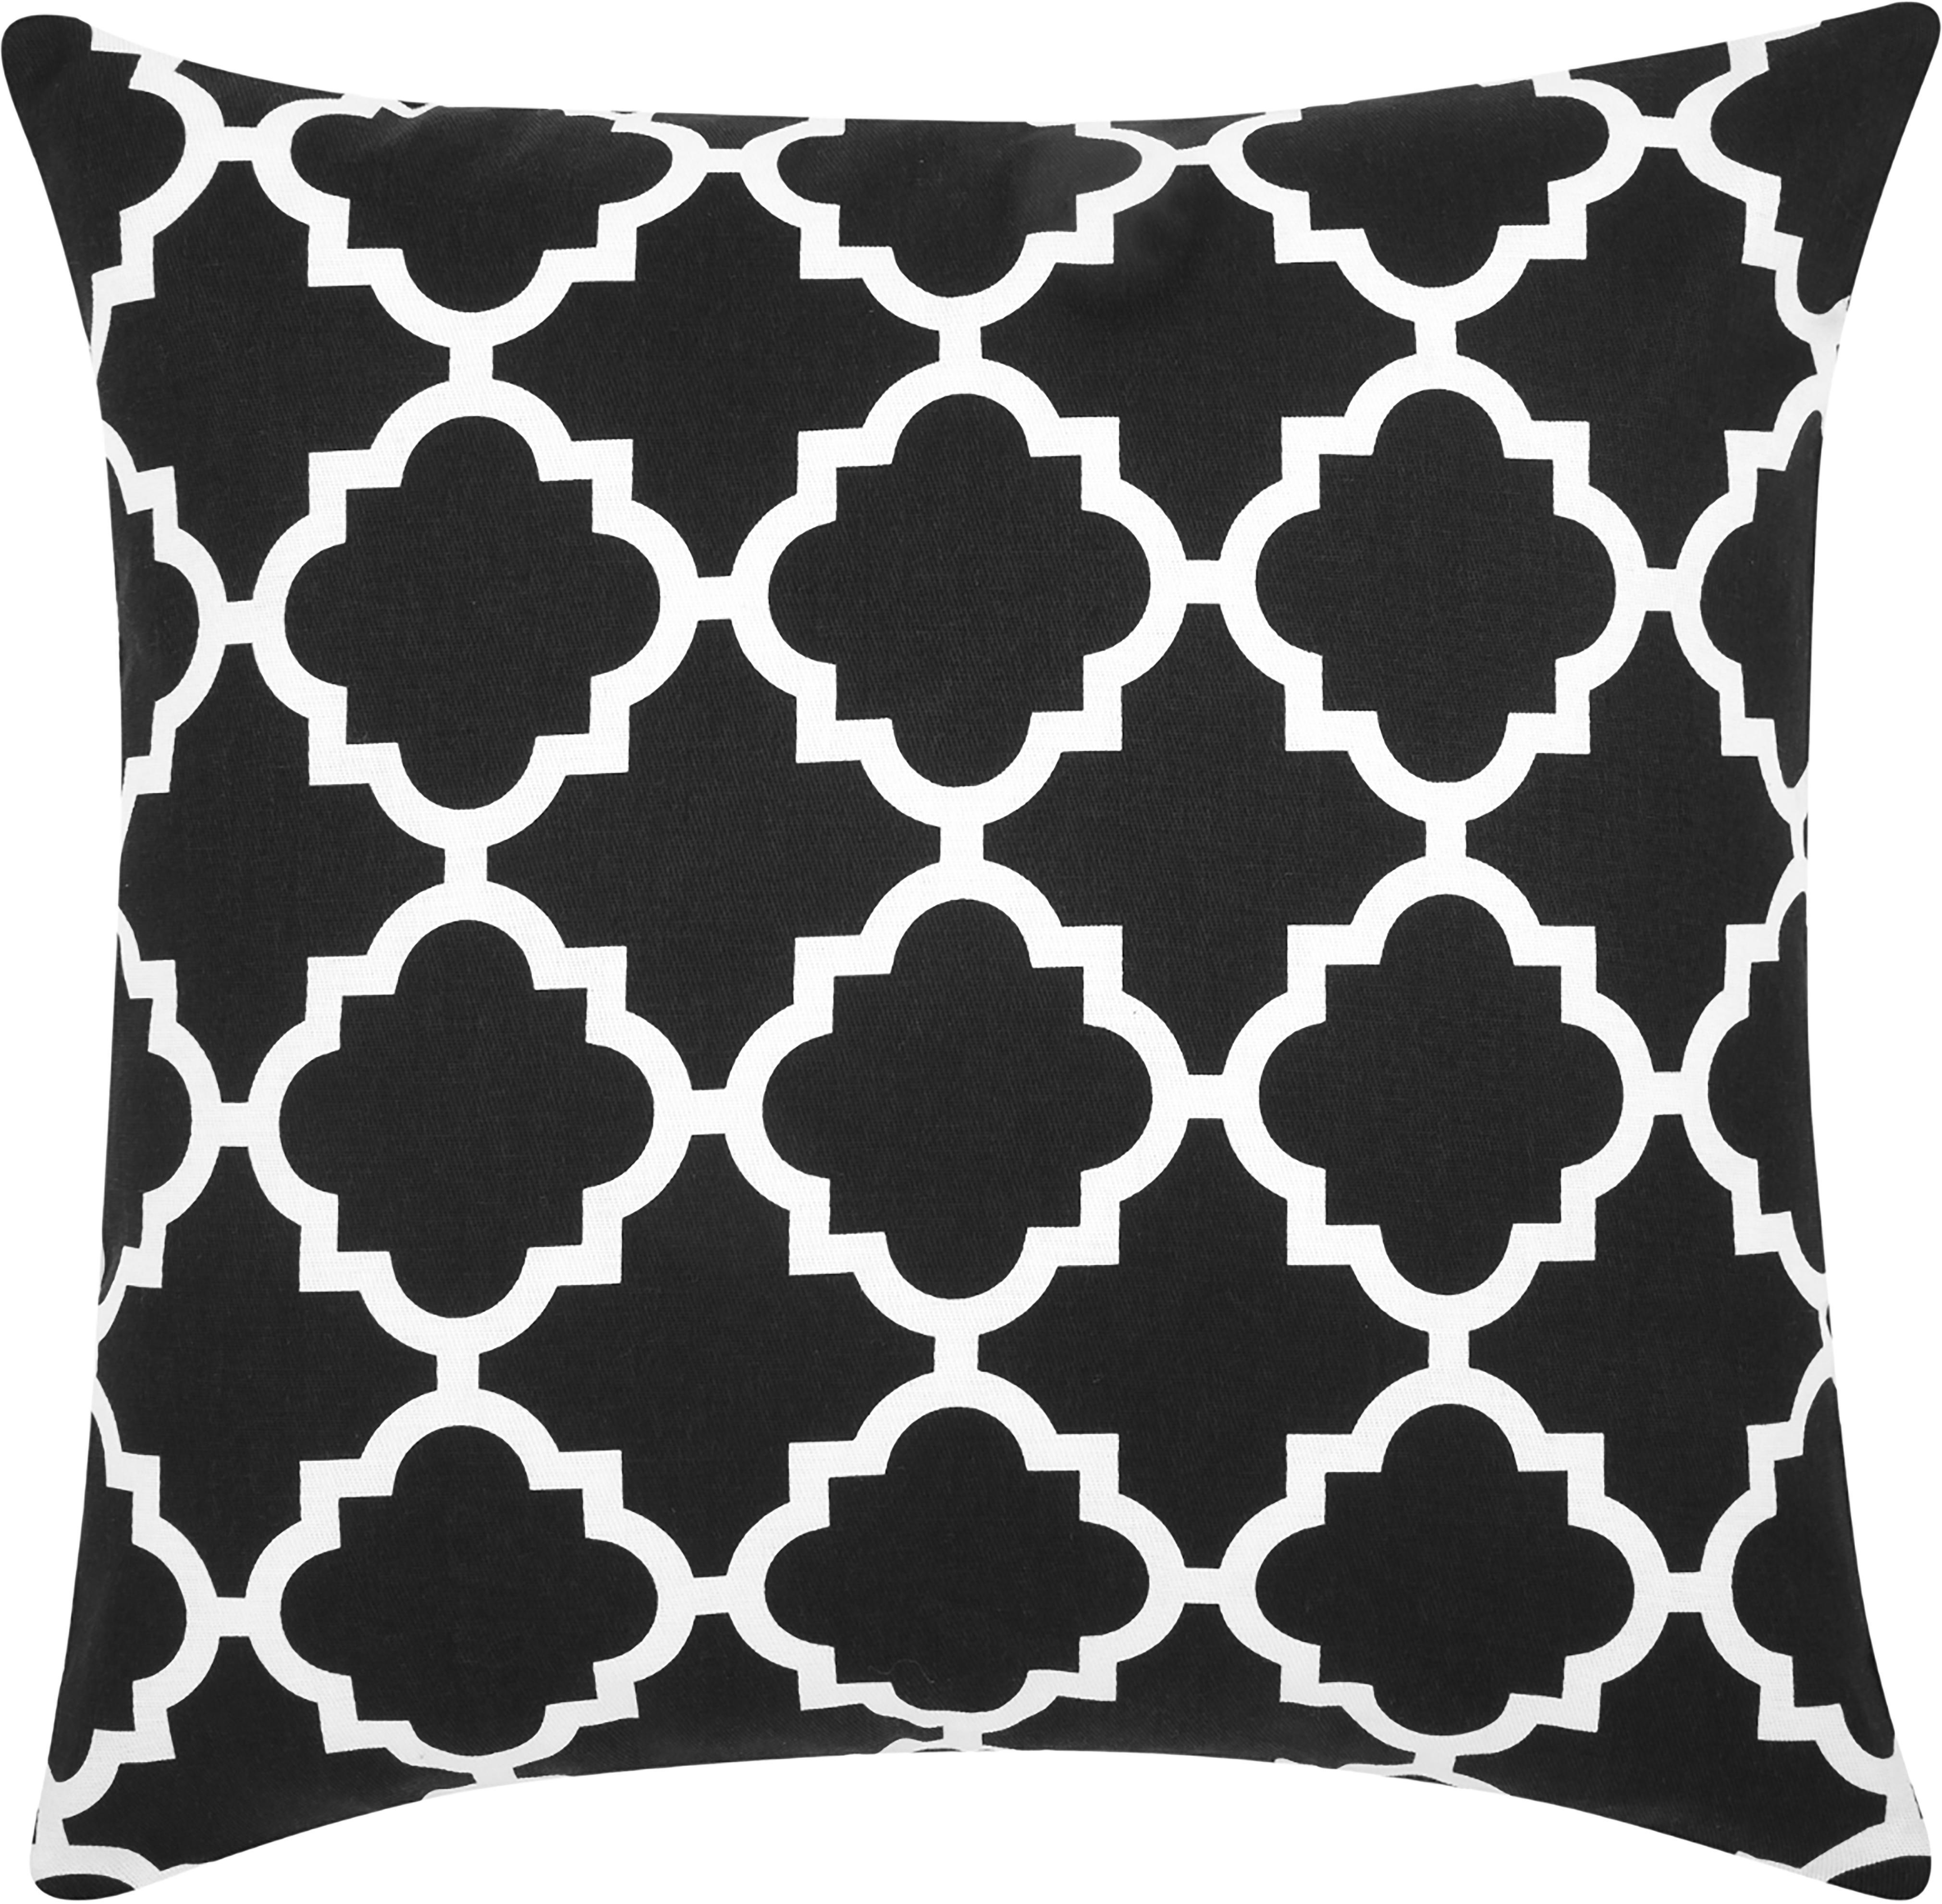 Kissenhülle Lana mit grafischem Muster, 100% Baumwolle, Schwarz, Weiss, 45 x 45 cm